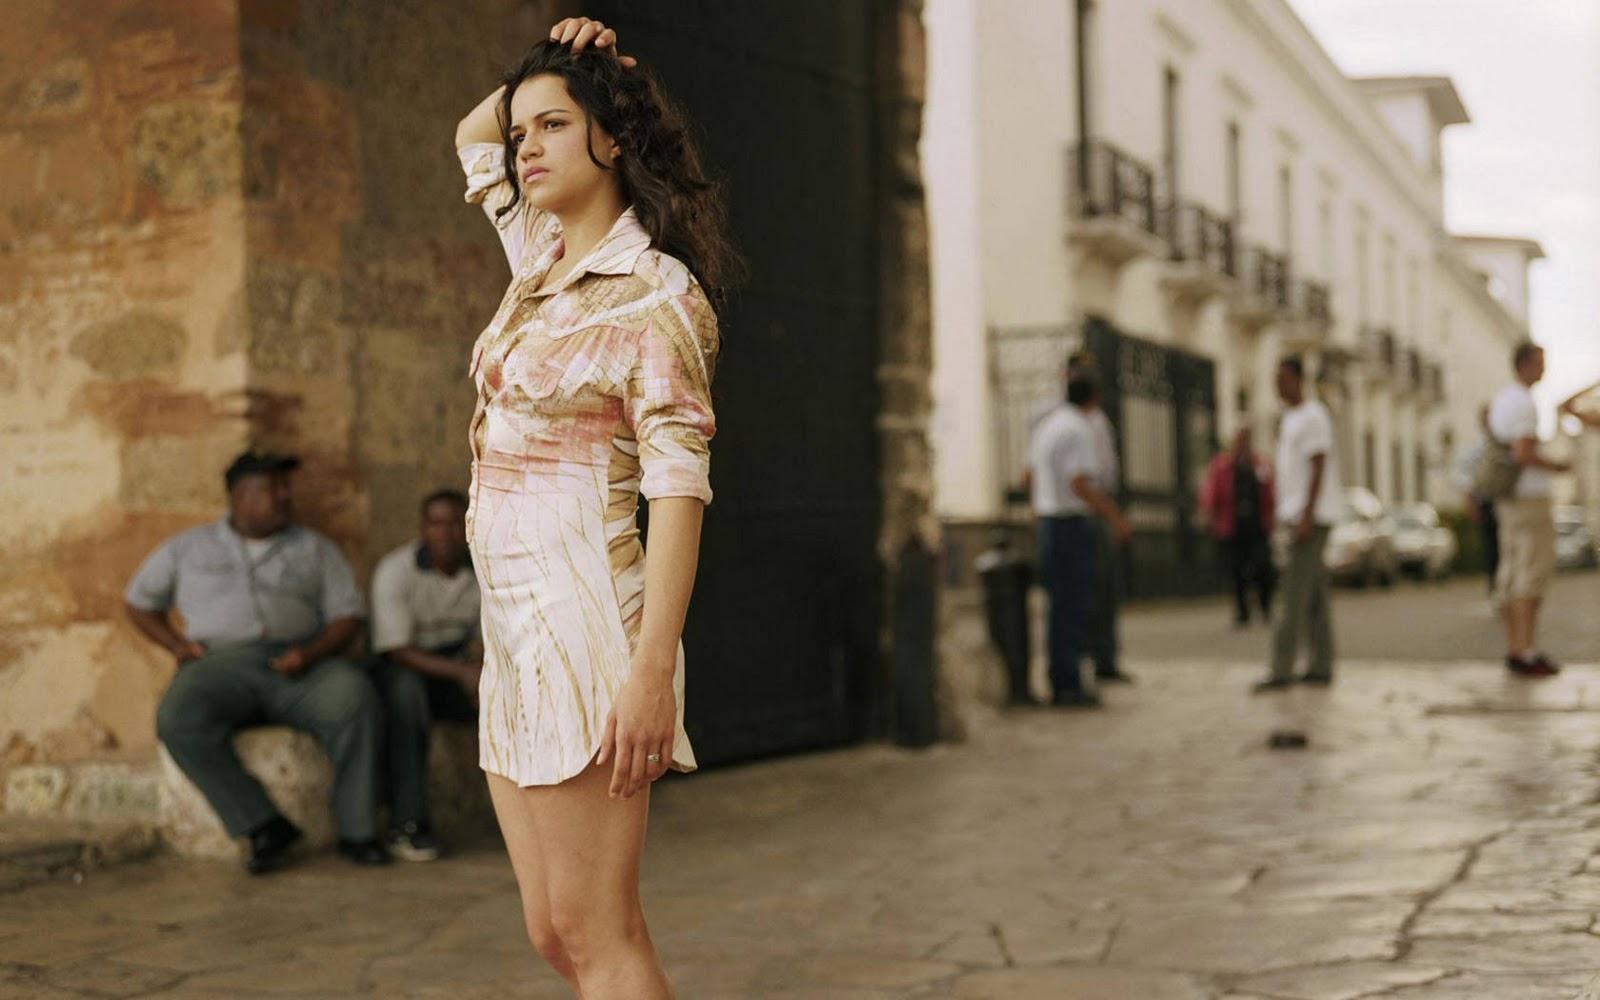 http://3.bp.blogspot.com/-6ItLoxEm_Ns/TpGko6877YI/AAAAAAAACB8/nBoqAAzB1nw/s1600/Michelle+-Rodriguez-13.jpg